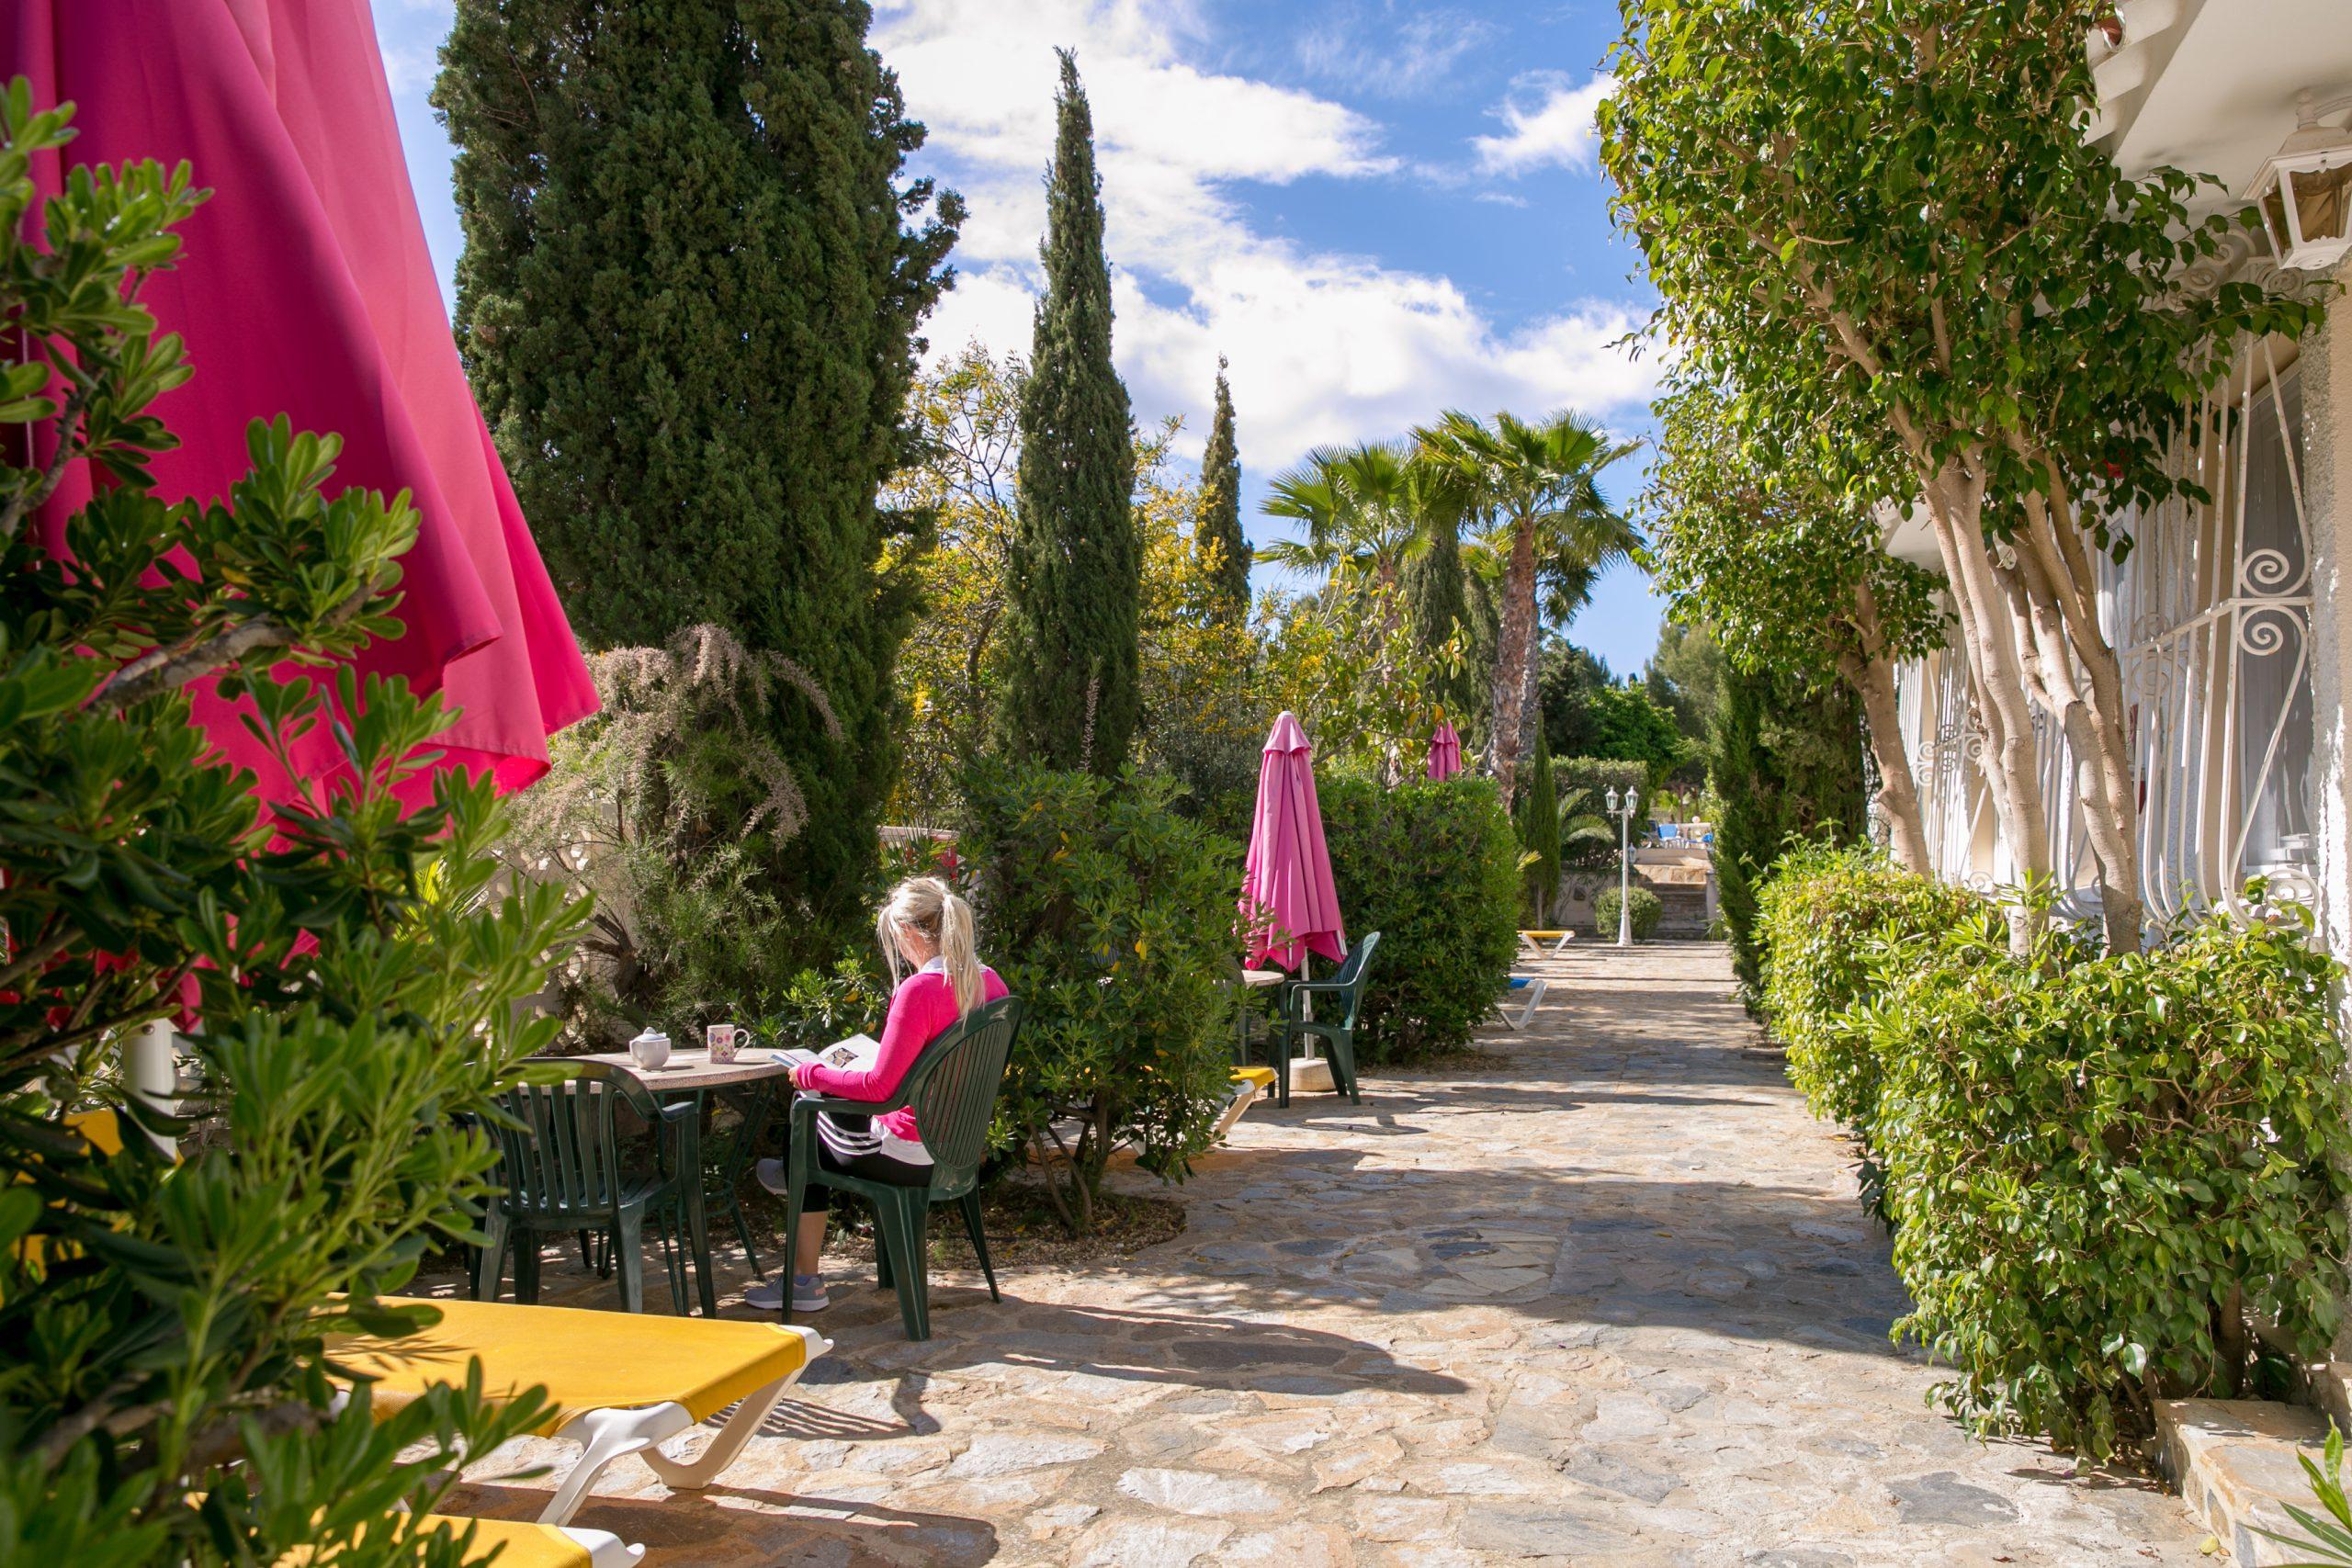 Facilities mature Spanish gardens to relax retreat